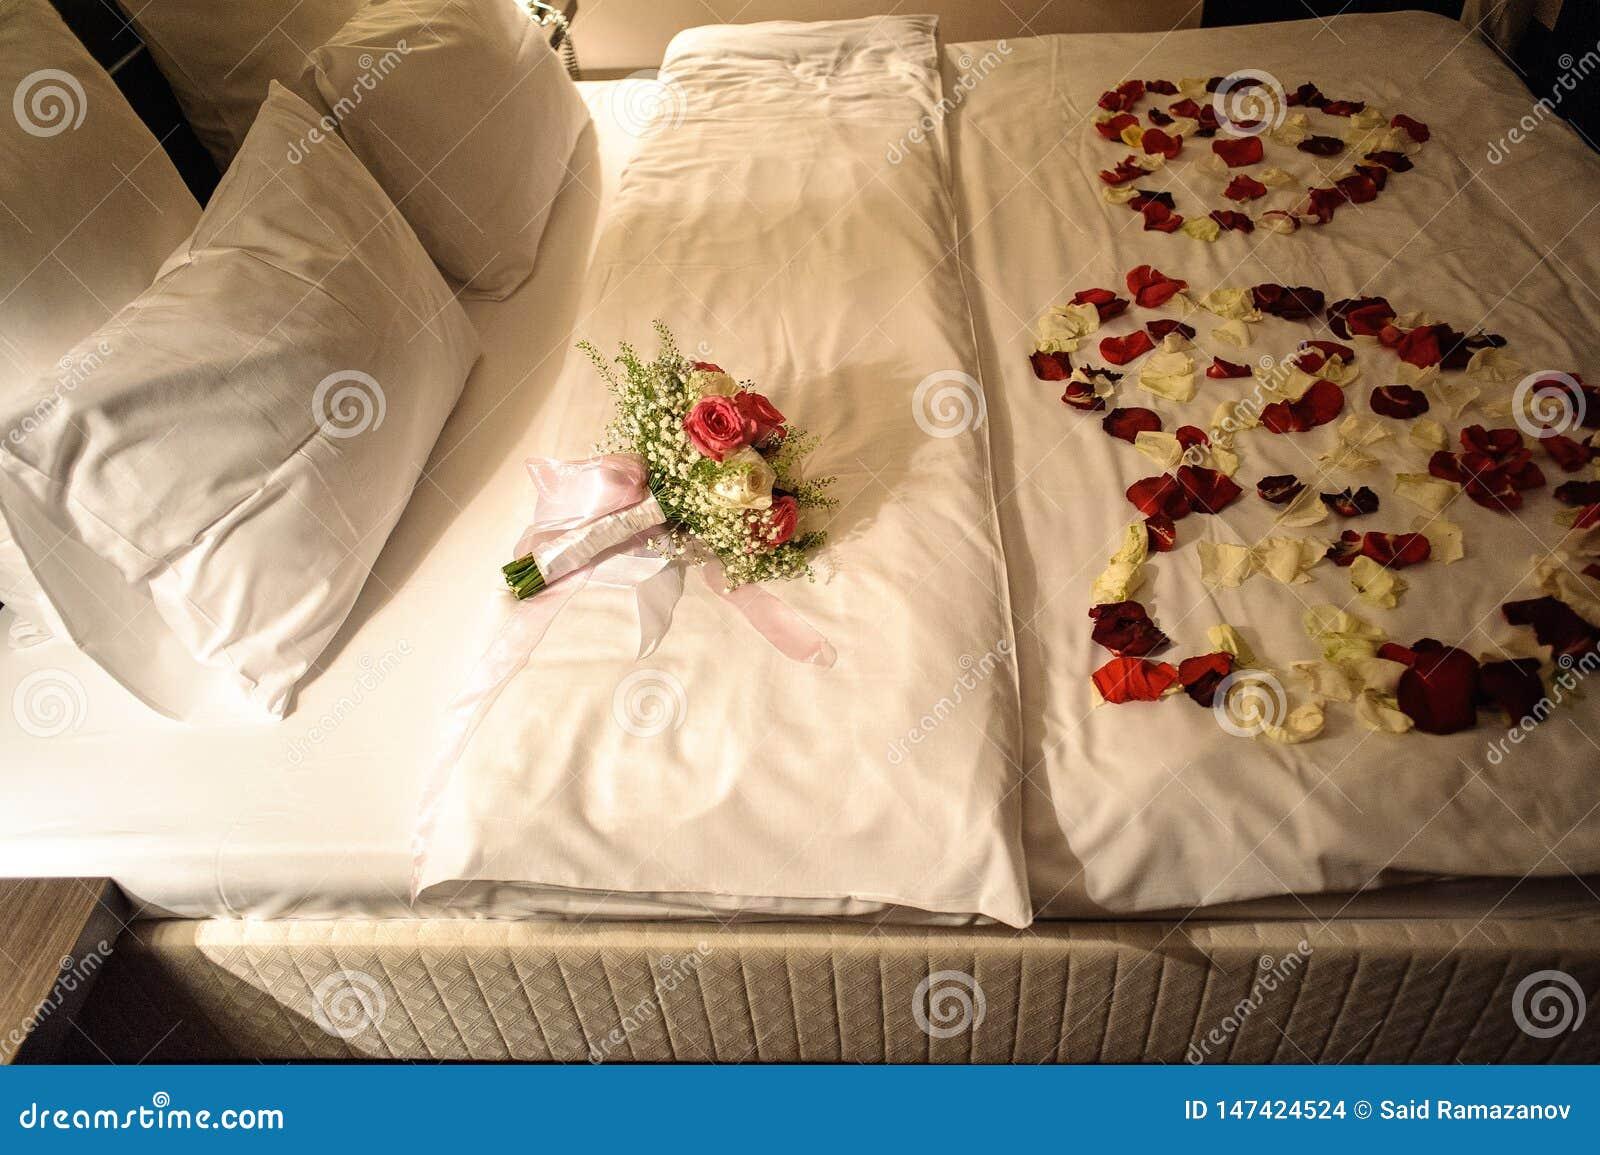 Bridal bukiet i różani płatki na łóżku z białymi pościelami